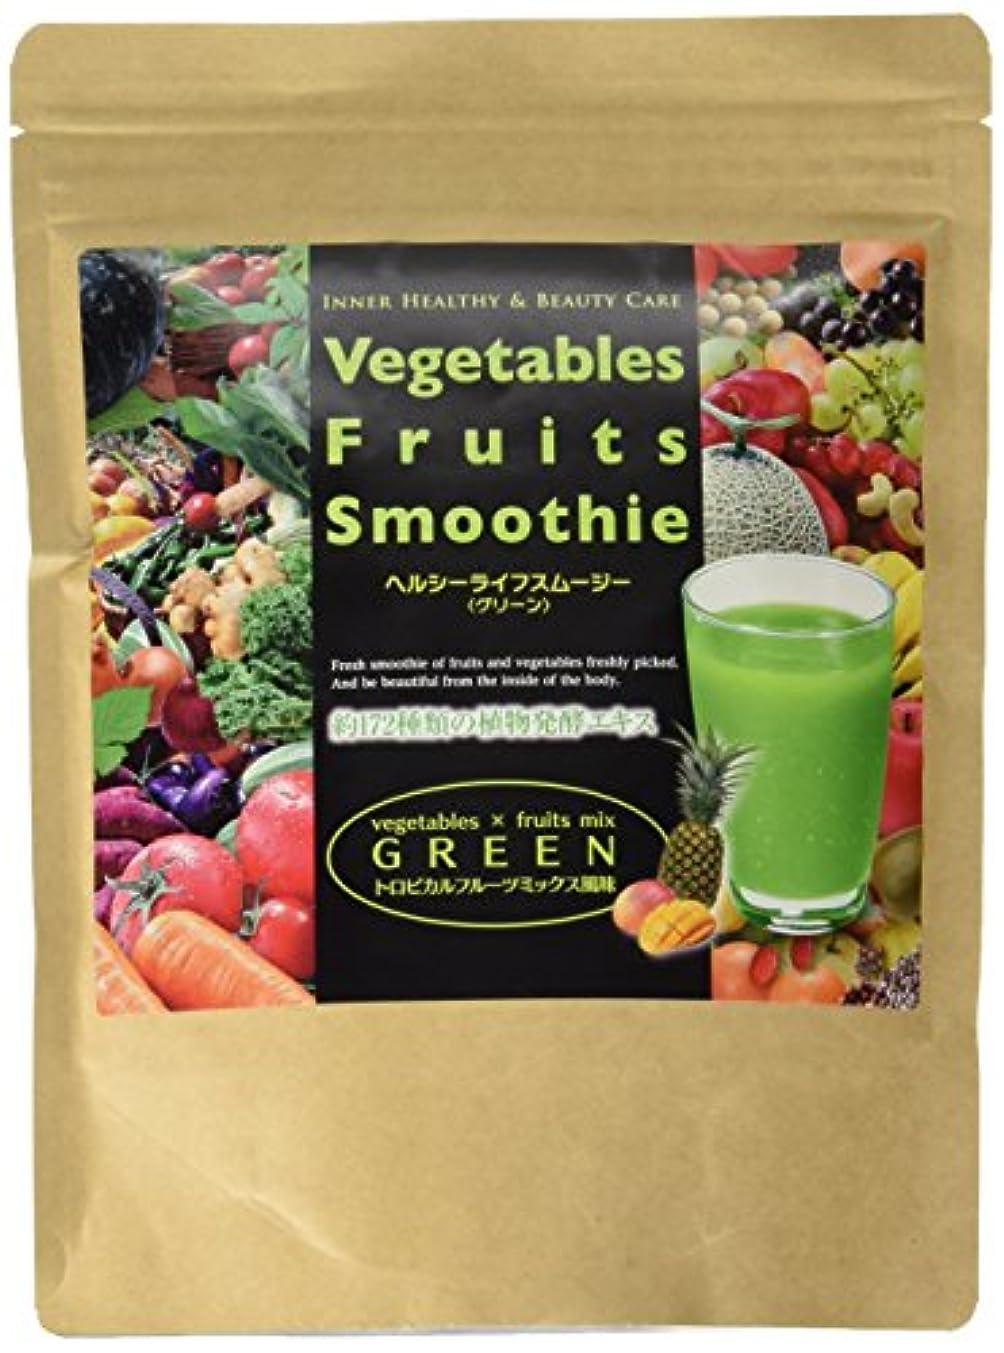 打倒ヘルメット見通しVegetables Fruits Smoothie ヘルシーライフスムージー(グリーン)トロピカルフルーツミックス味 300g 日本製